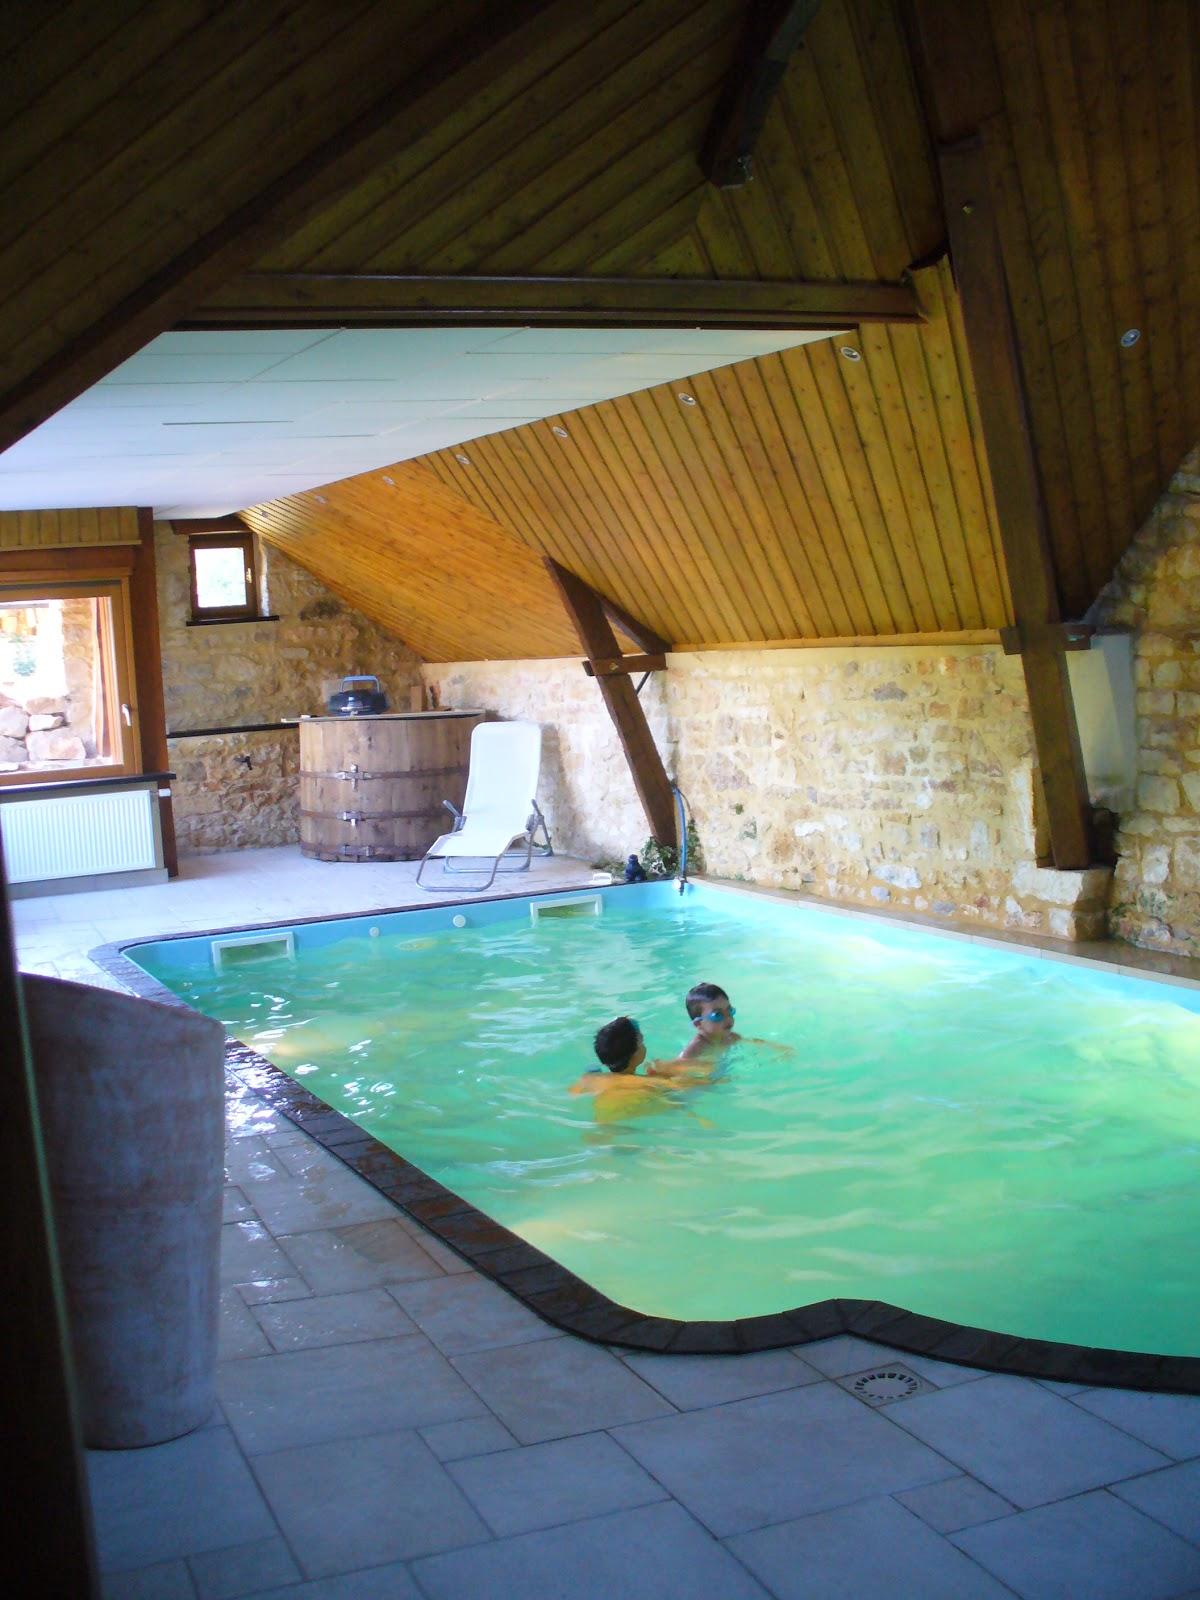 Acasadiclara la casa con la piscina dentro i miss for Casa con piscina urdaibai